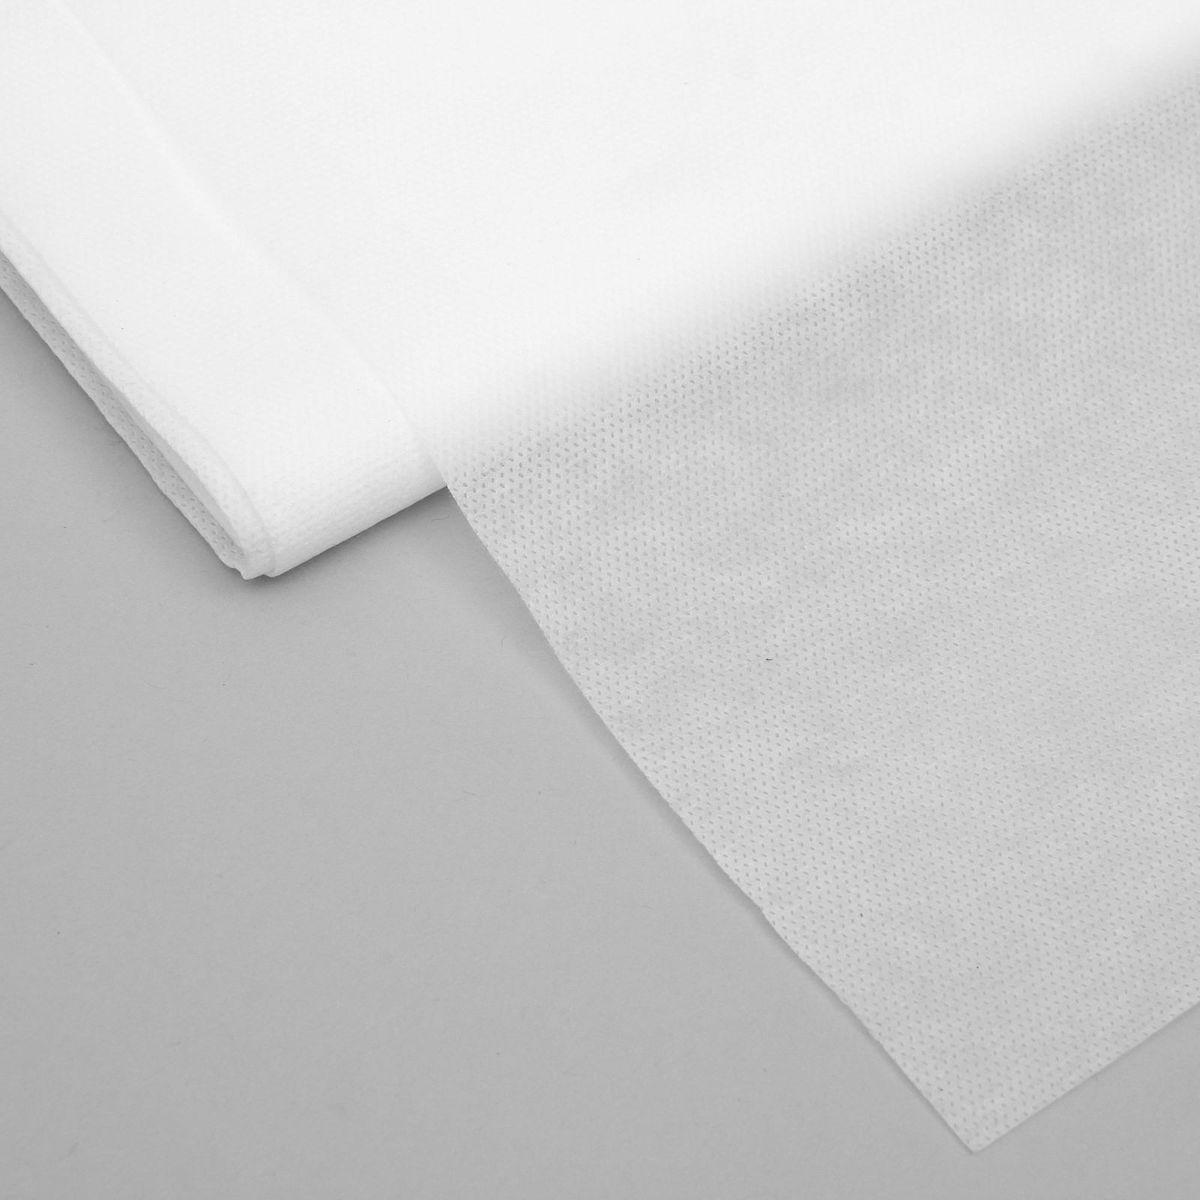 Чехол для парника, 6 секций, 8 х 2,1 м531-105Чехол предназначен для изготовления парника своими руками или для замены материала готового изделия. Цельная ткань плотностью 45 г,м? не имеет стыков и соединений. Она разделена на 6 секций простроченными каналами для дуг. Чтобы смастерить парник своими руками, вам понадобятся также клипсы и крестообразные ножки.